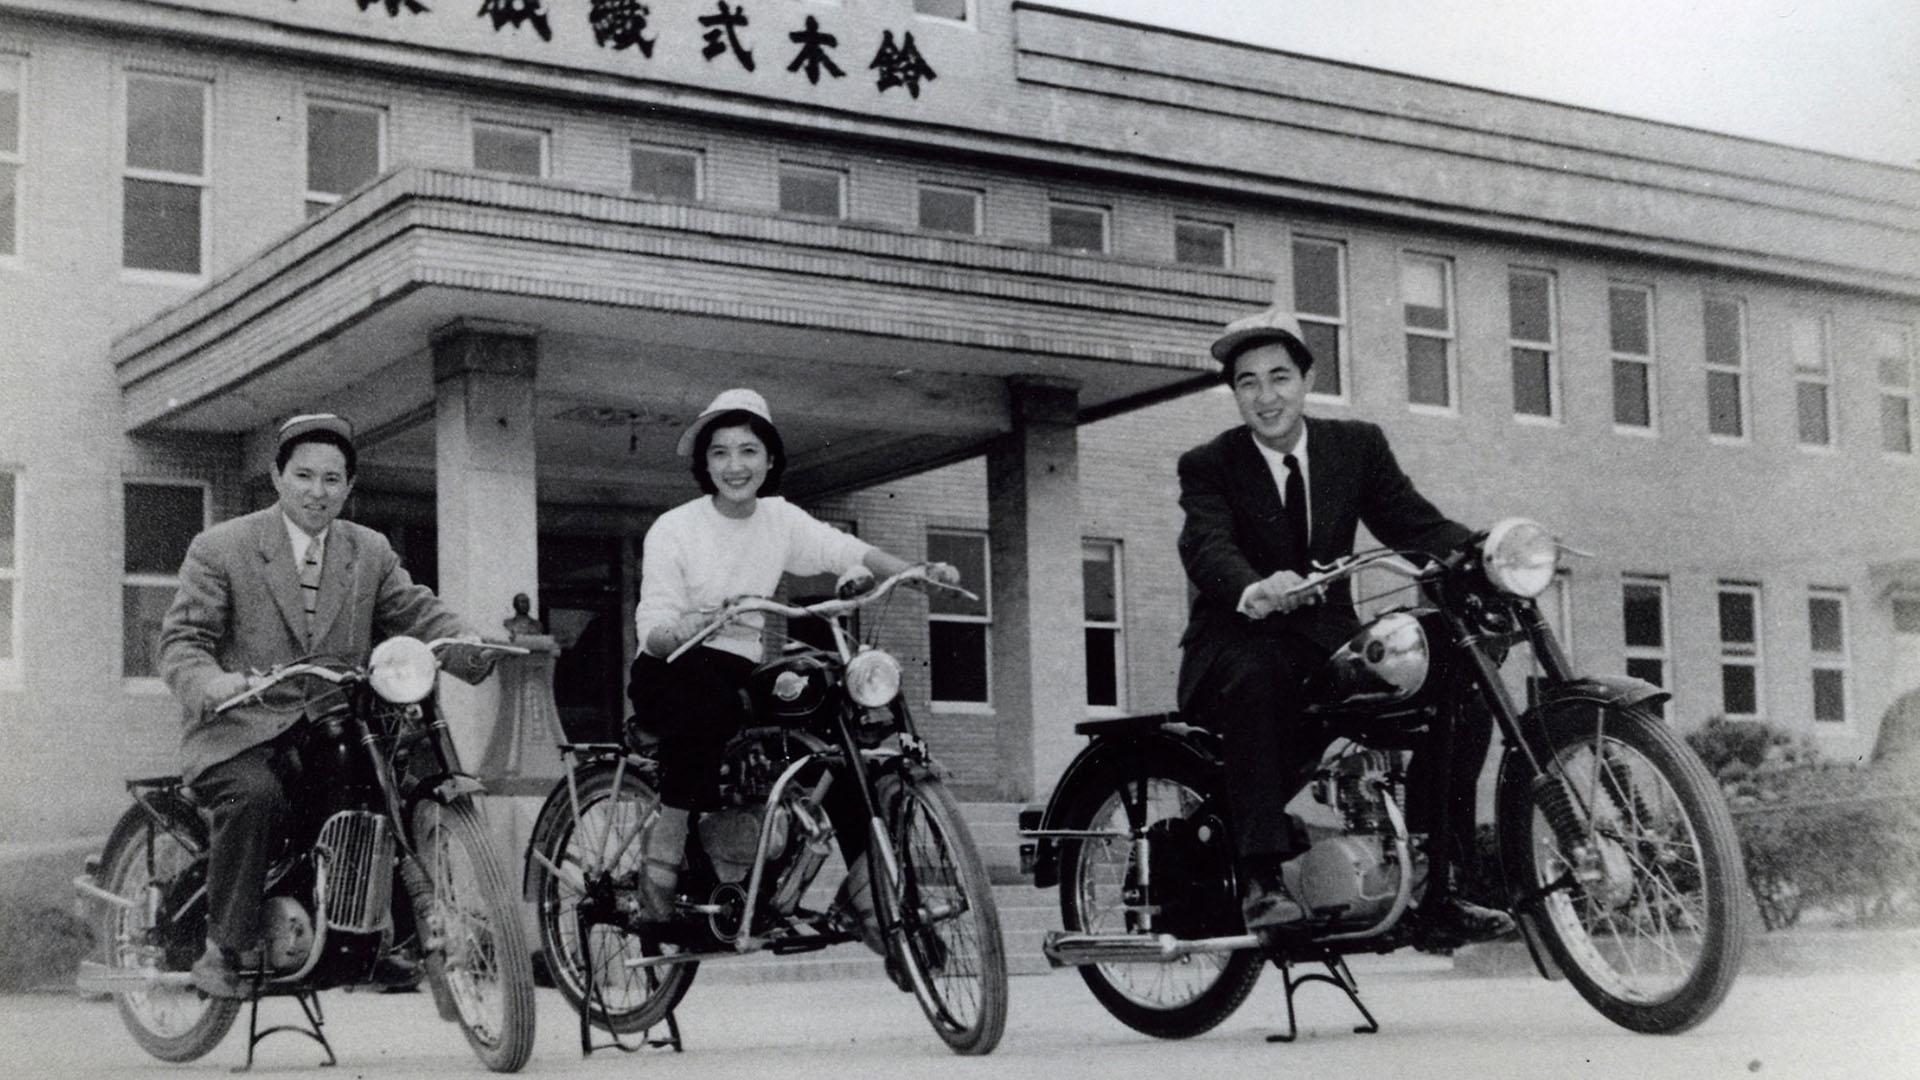 1953 Suzuki Power Free